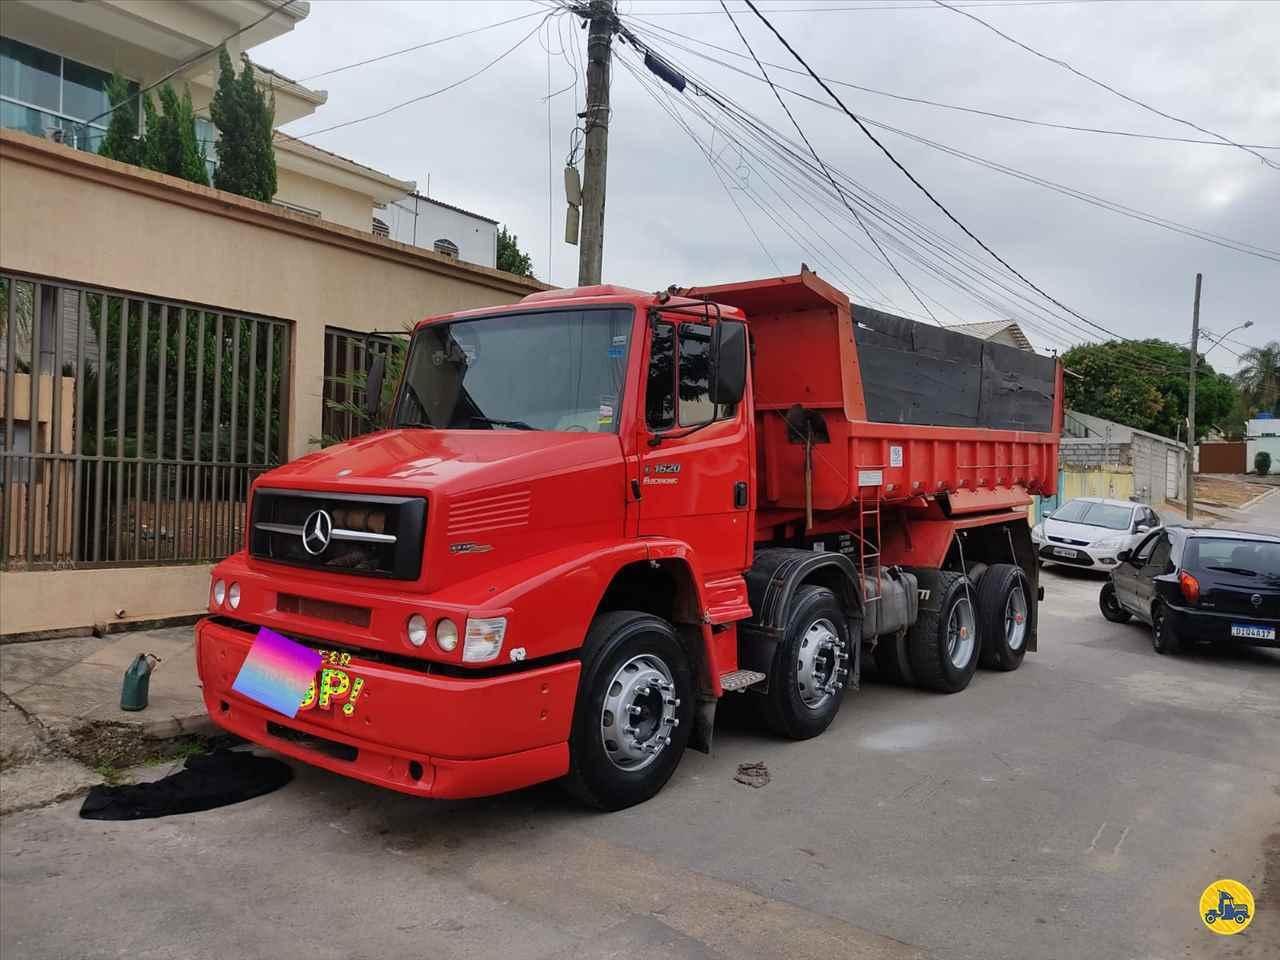 CAMINHAO MERCEDES-BENZ MB 1620 Caçamba Basculante Truck 6x2 Caminhões Certos CONTAGEM MINAS GERAIS MG